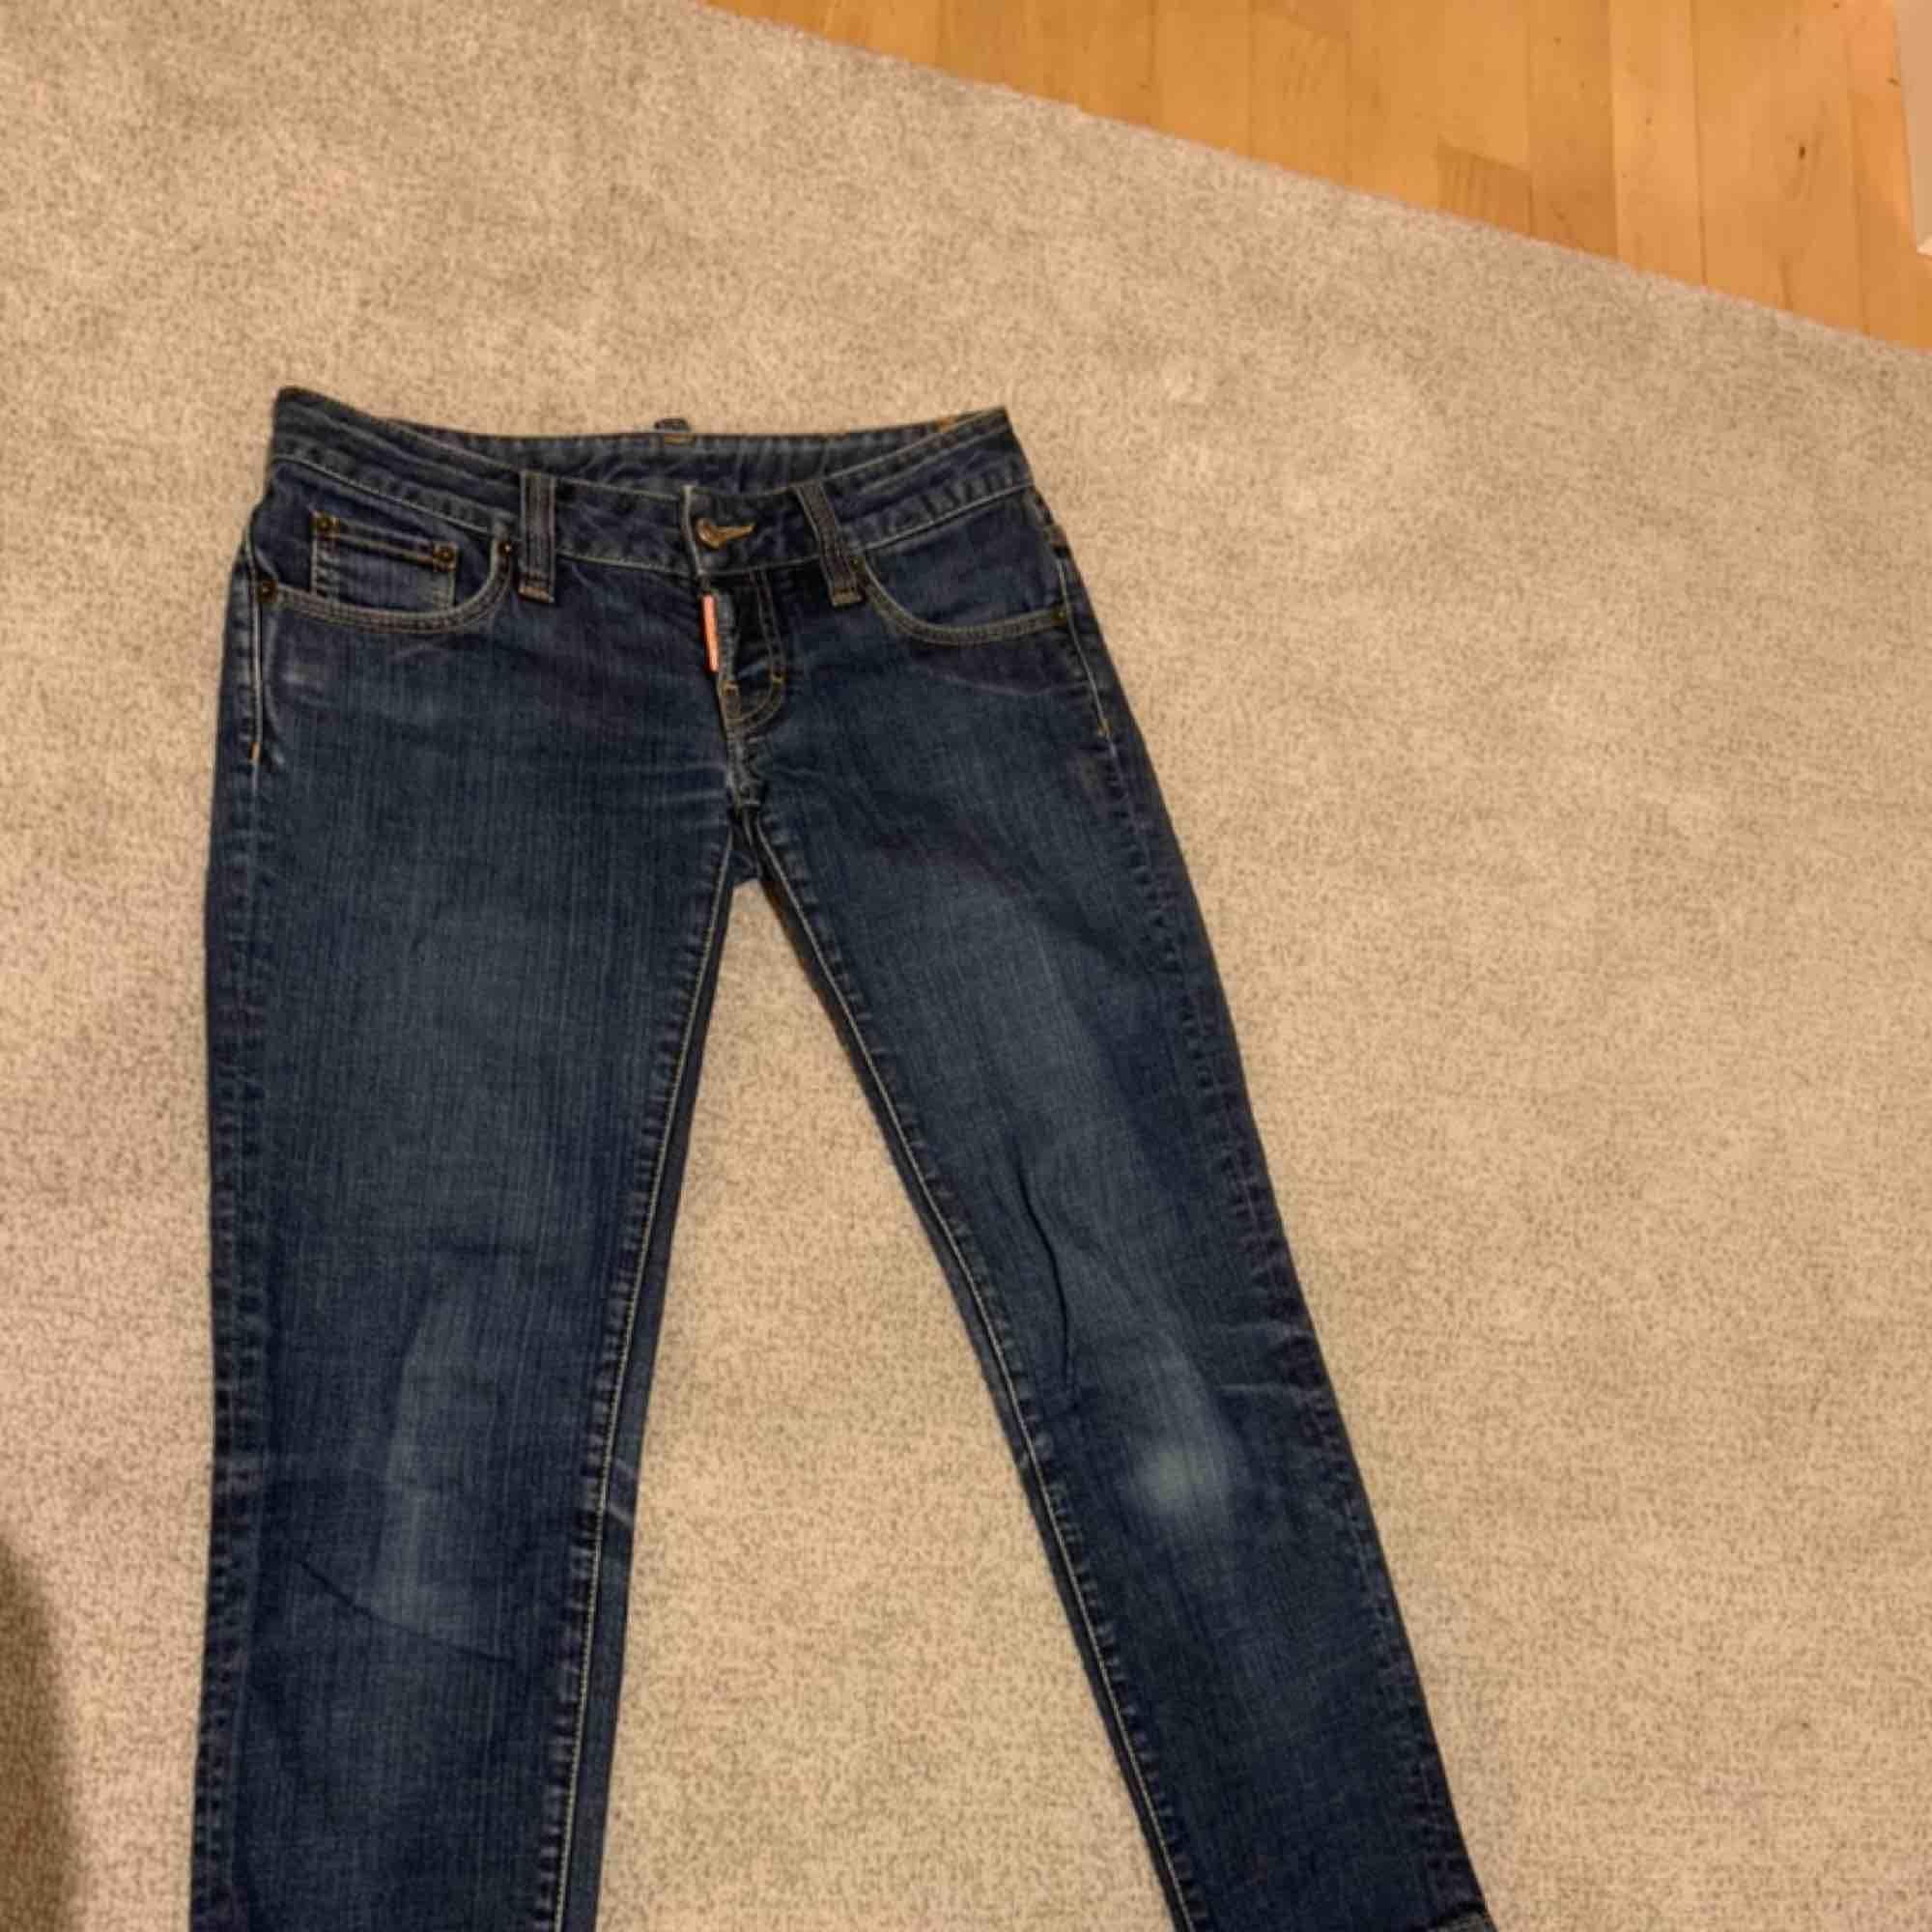 Säljer mina vintage dsq byxor. Lågmidjade och mörk jeansfärg. Älskar verkligen dessa då dom är lite utåtsvängda och väldigt coola. Kontakta för fler bilder och pris.. Jeans & Byxor.